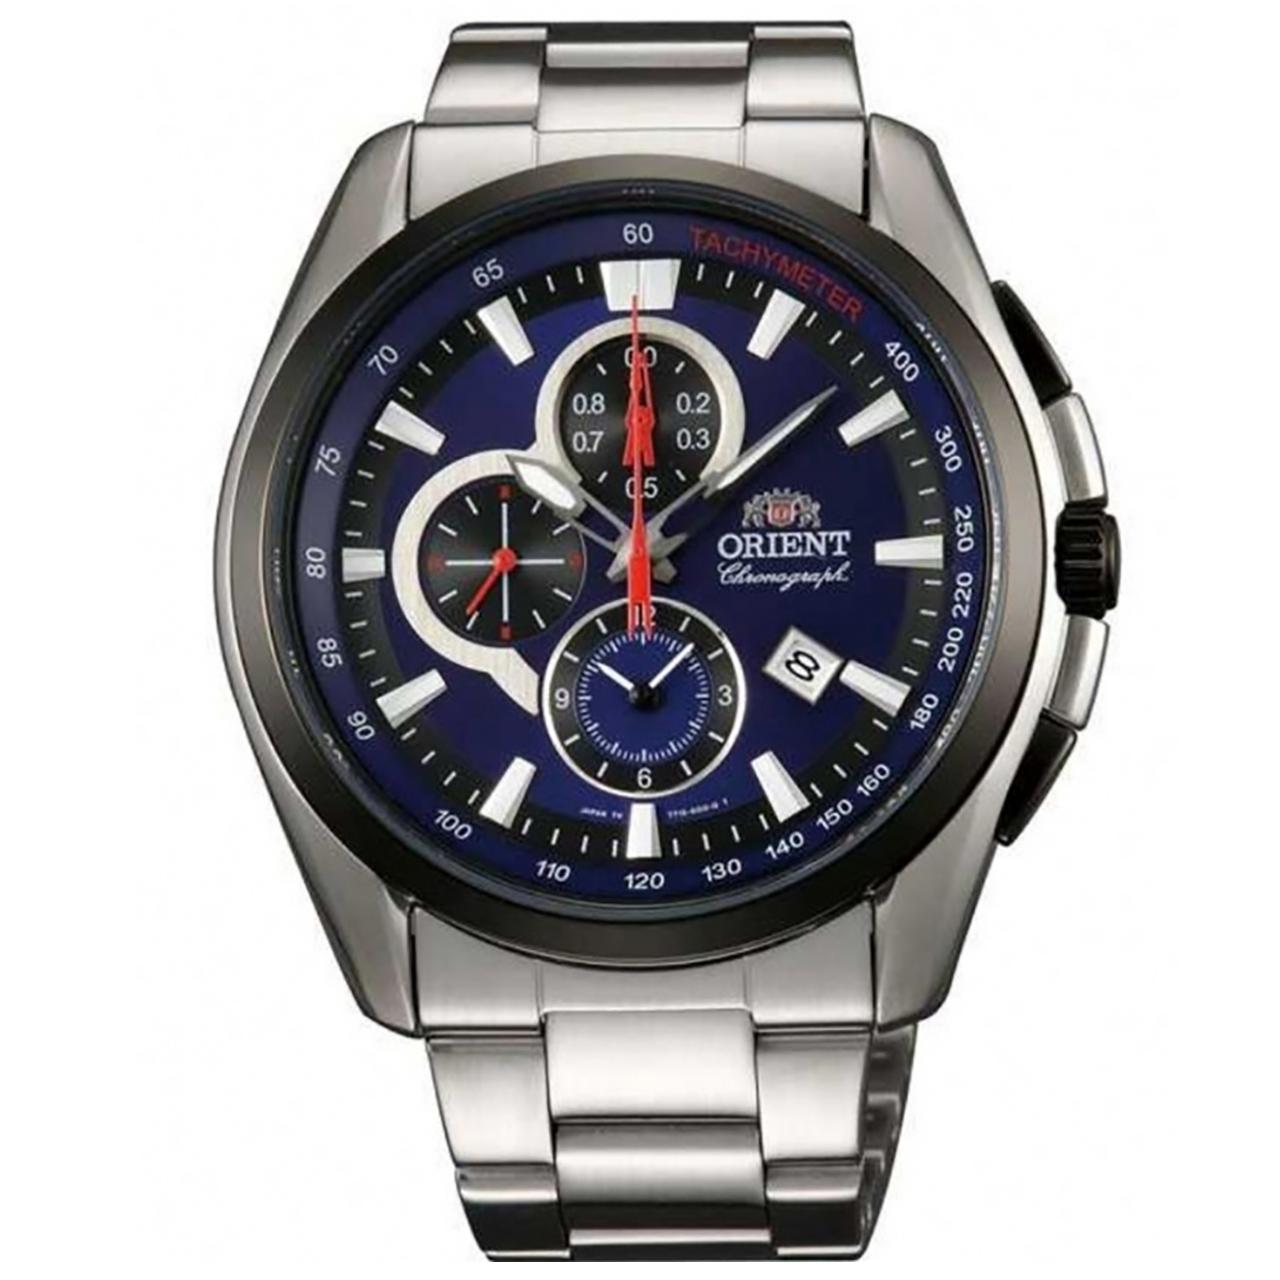 ساعت مچی عقربه ای مردانه  اورینت مدل STT13001D0 47